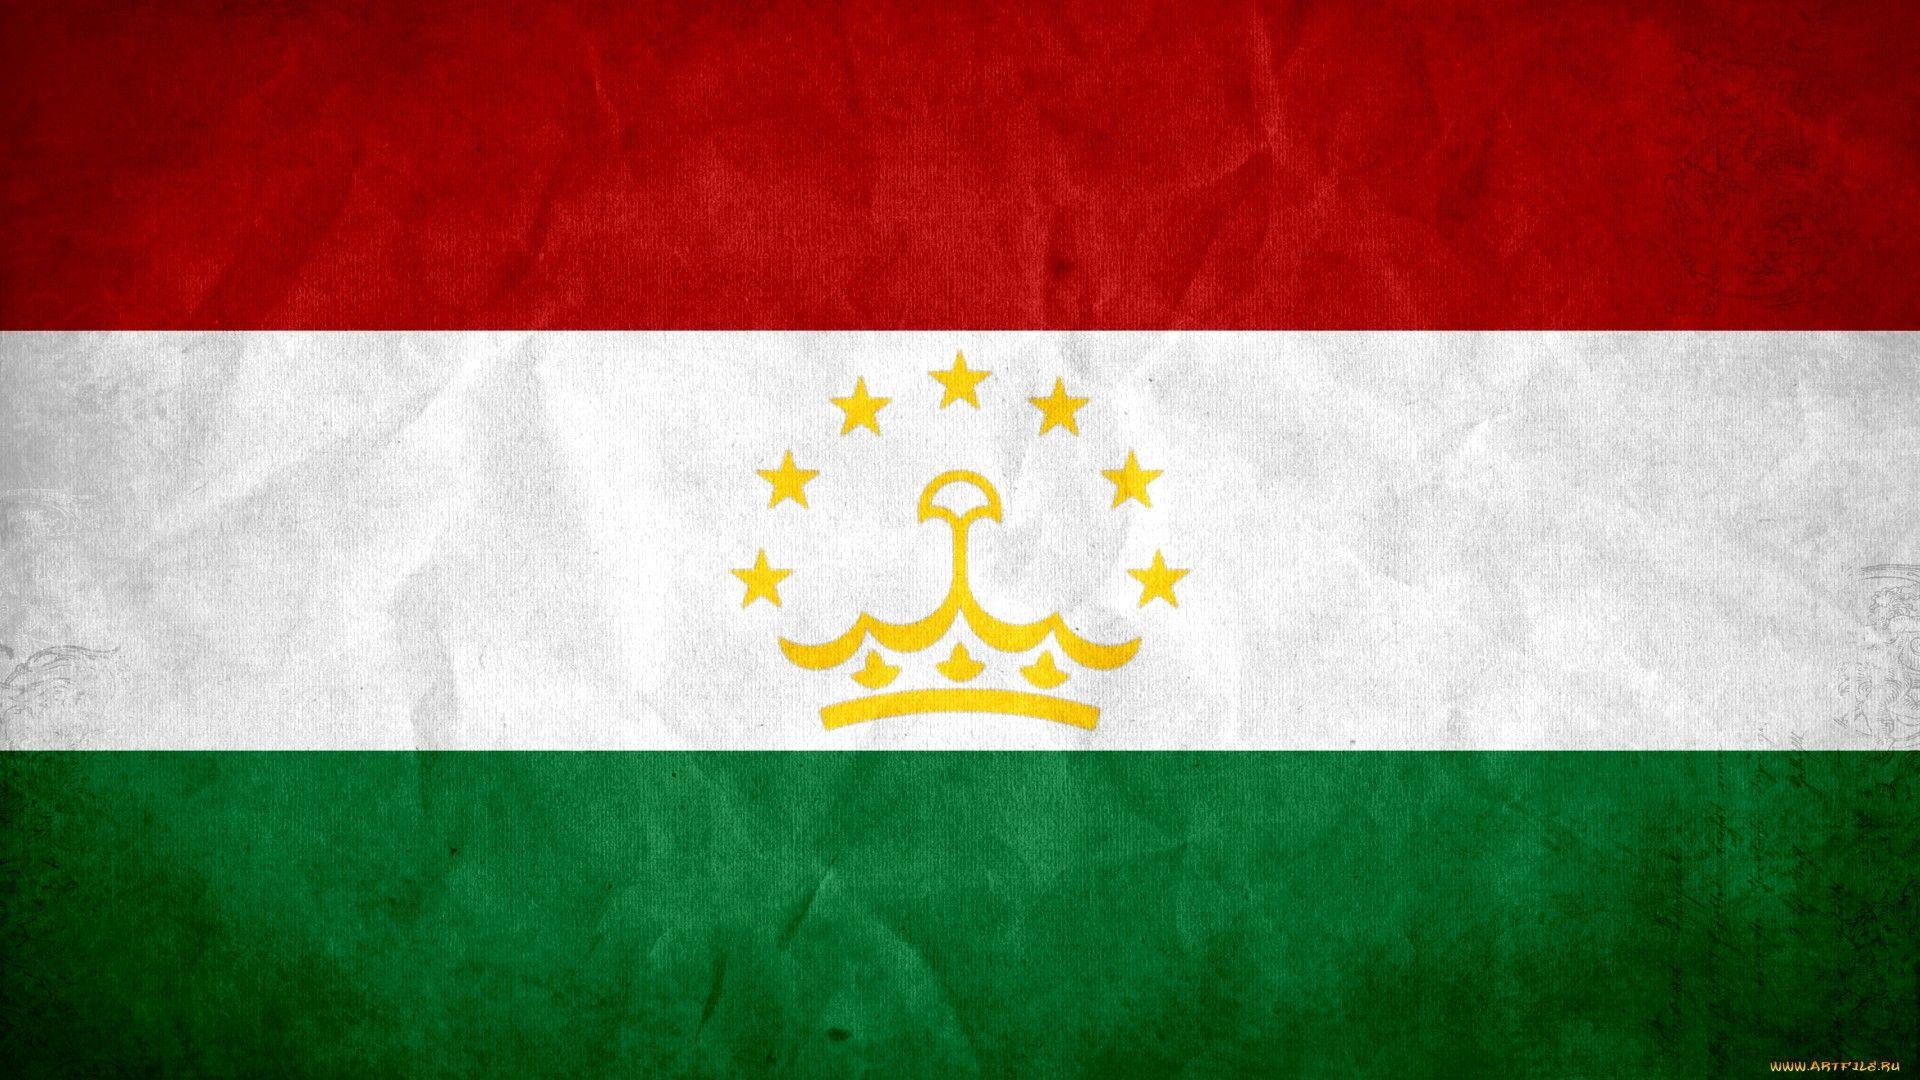 Flag of Tajikistan wallpaper Flags wallpaper 1920x1080